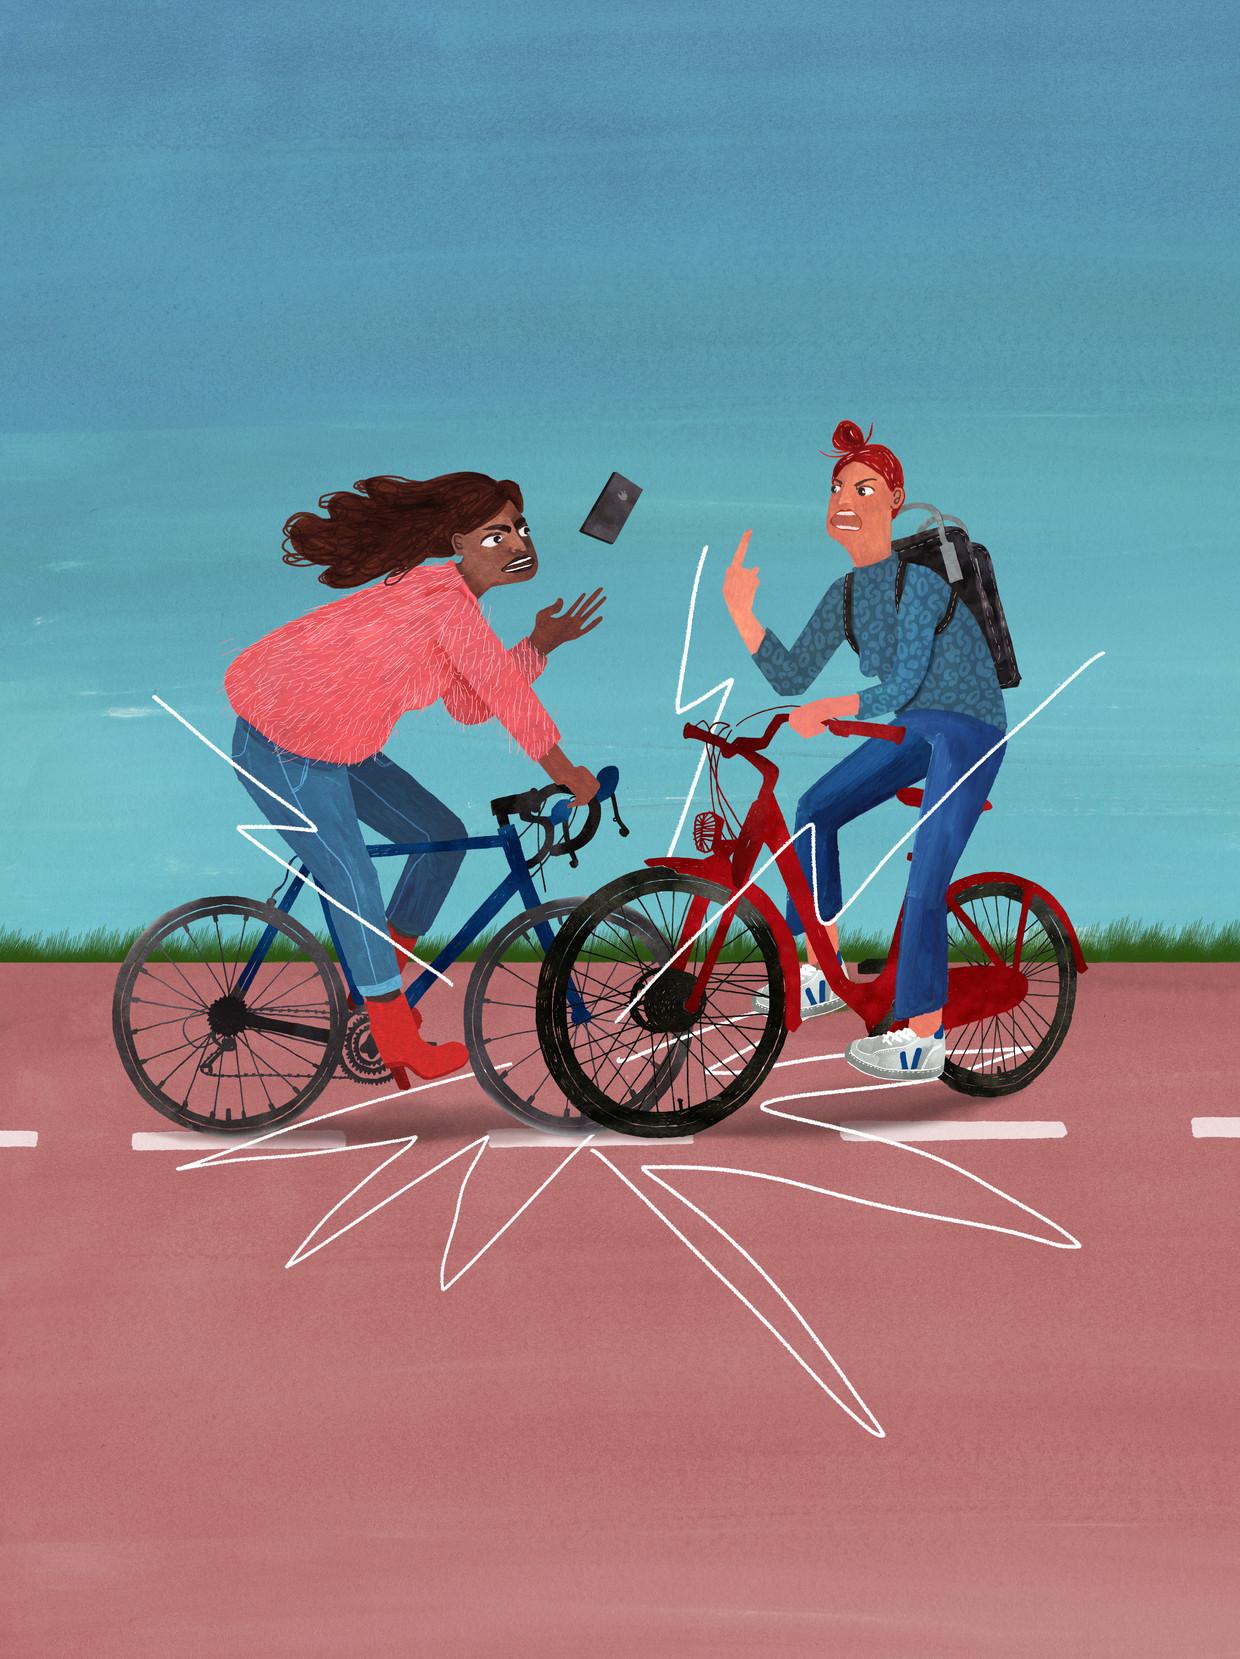 Nederland-Fietsland, wereldwijd een monsterhit, fietst jaarlijks 15 miljard kilometer, gemiddeld 880 kilometer per persoon.